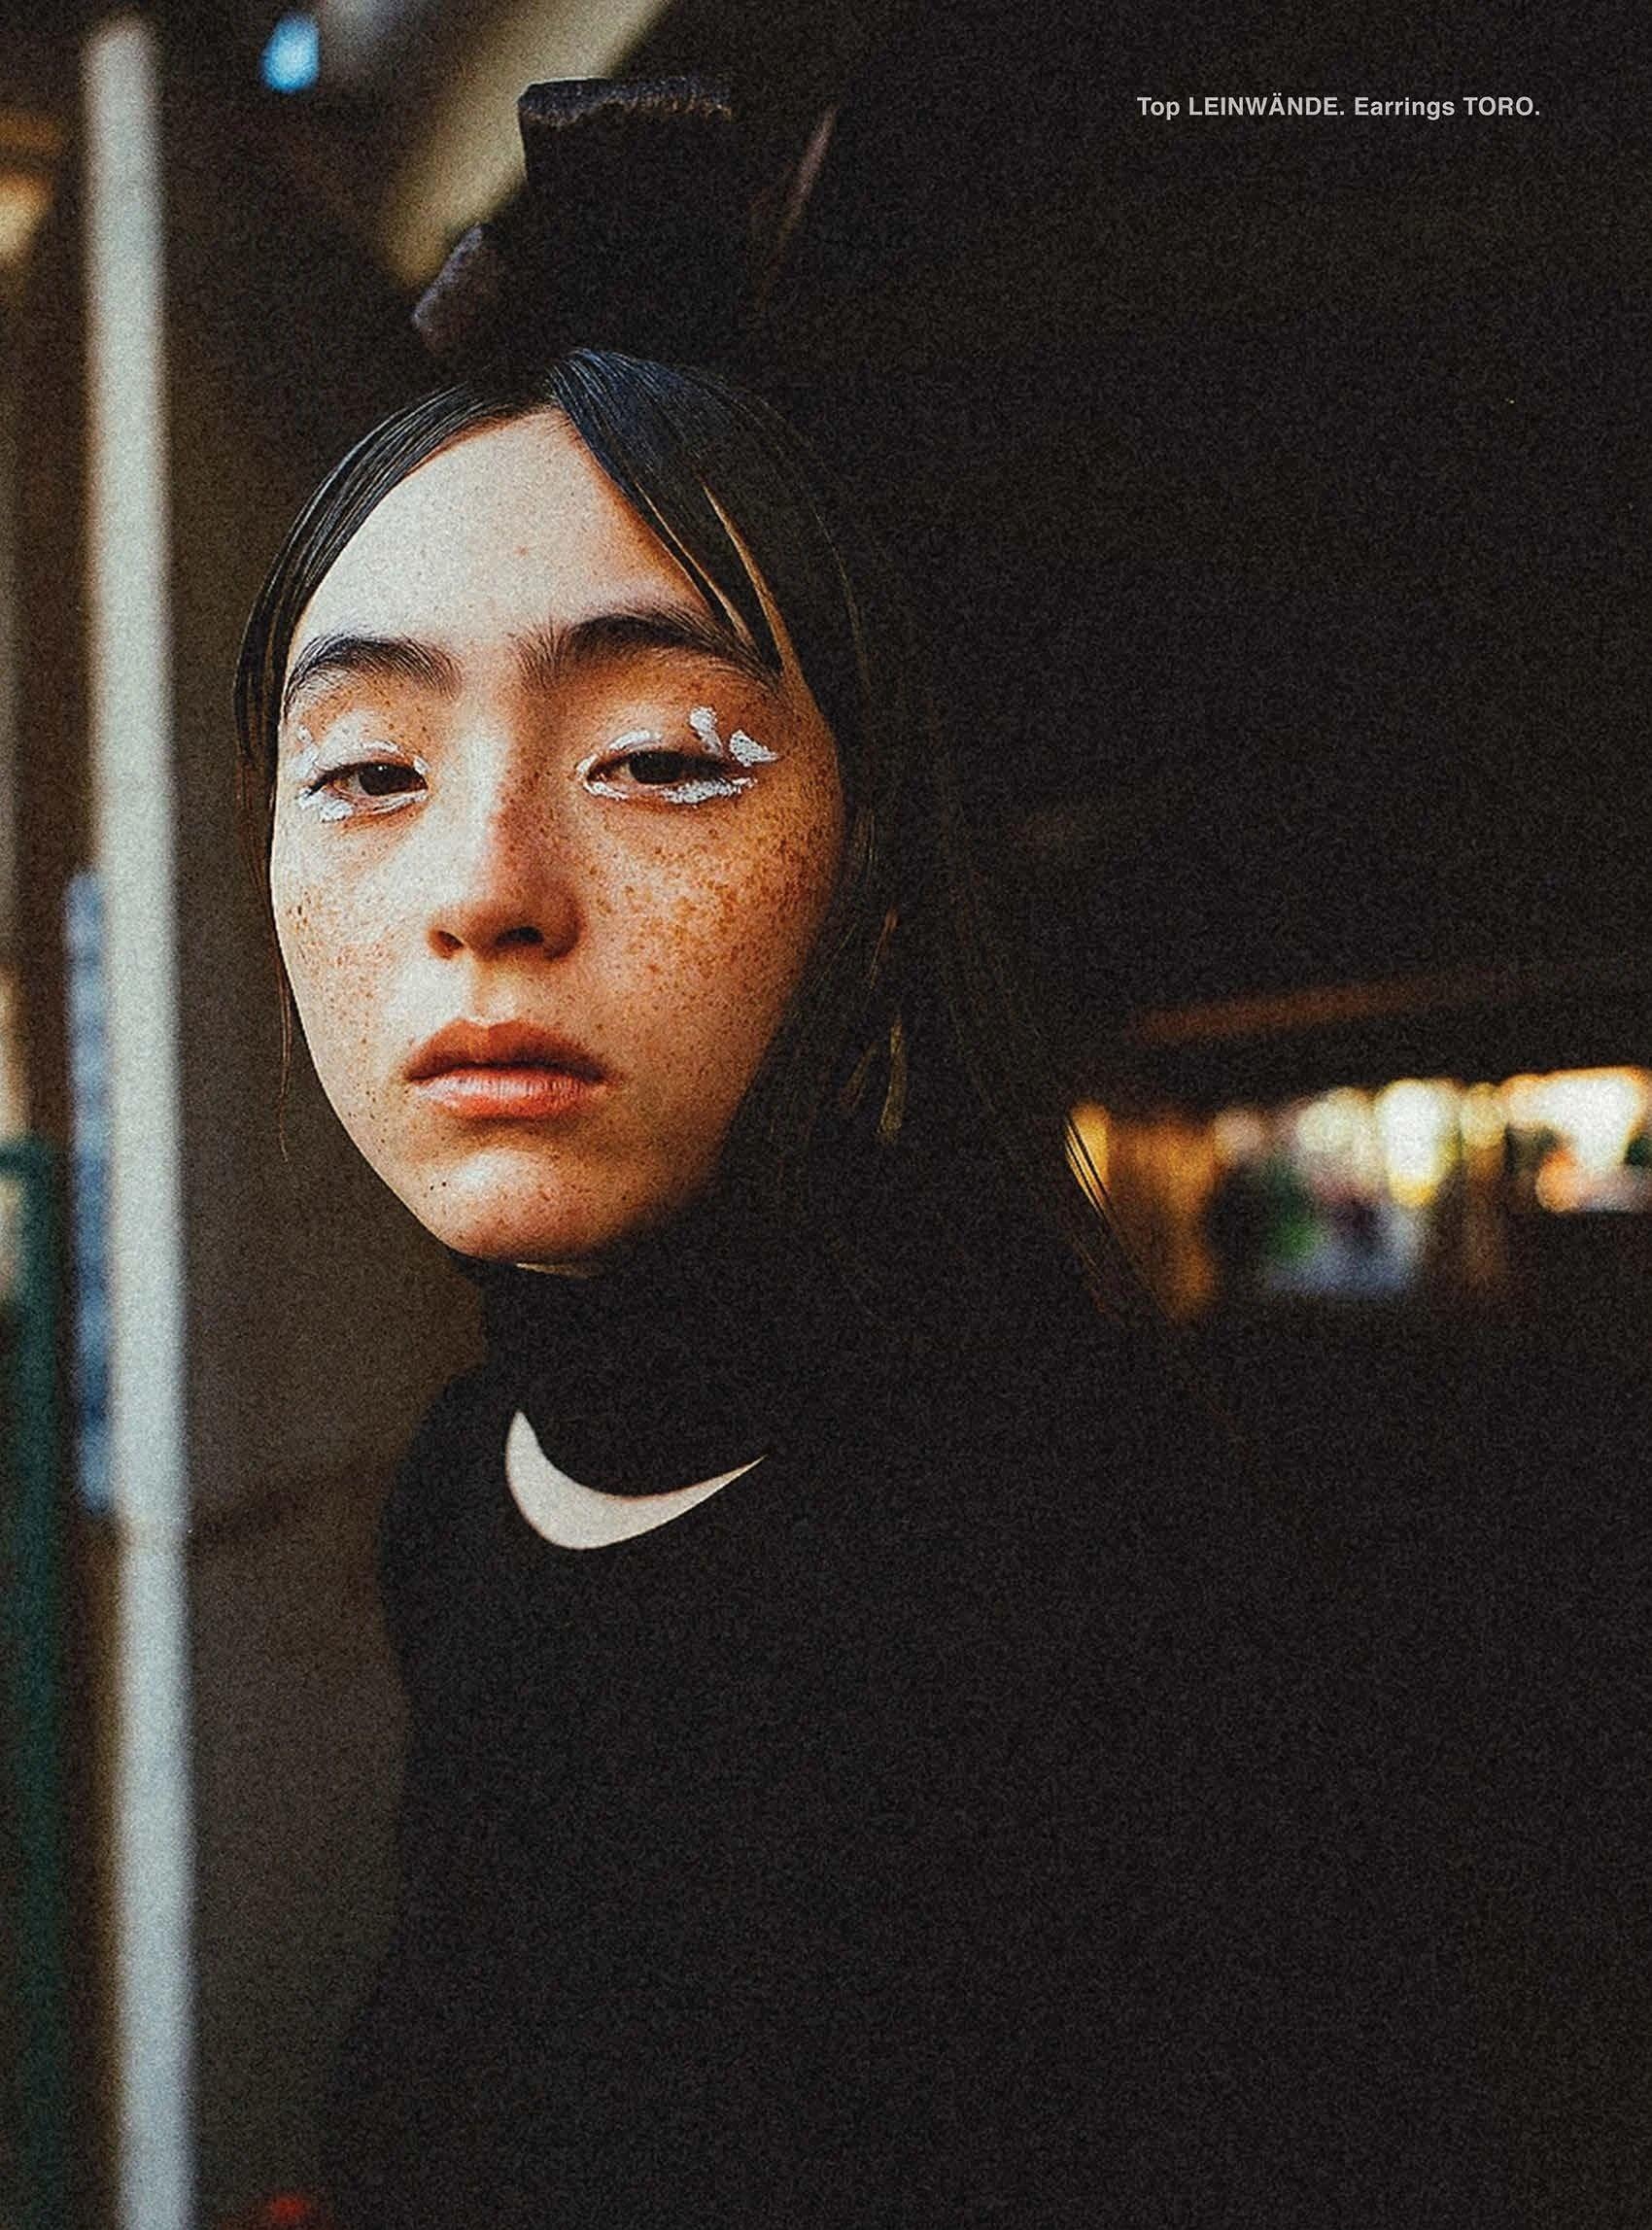 满脸雀斑却依旧很美的混血模特世理奈写真作品 (6)